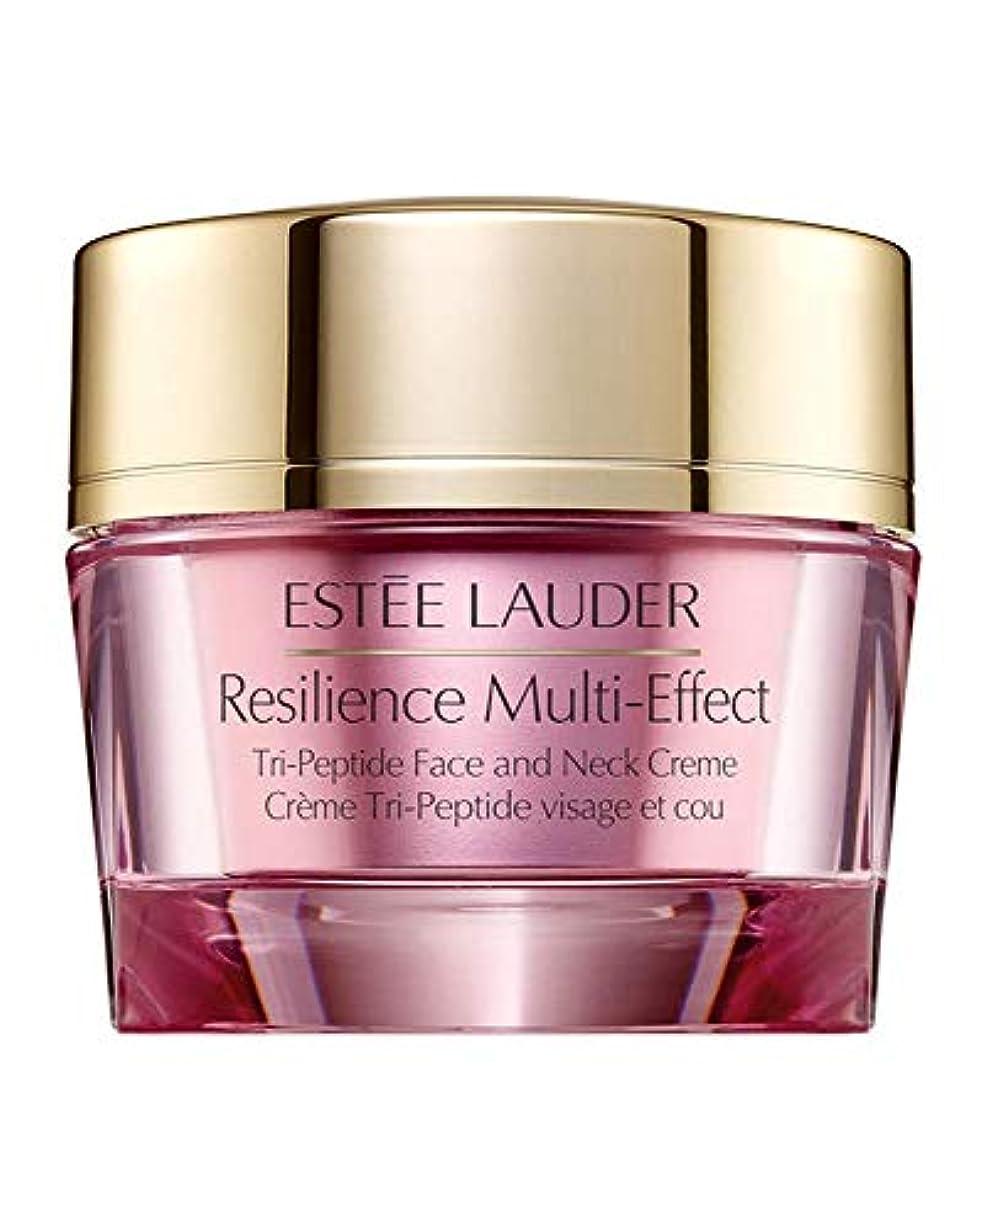 子猫行進実験的エスティローダー Resilience Multi-Effect Tri-Peptide Face and Neck Creme SPF 15 - For Normal/Combination Skin 50ml/1.7oz...